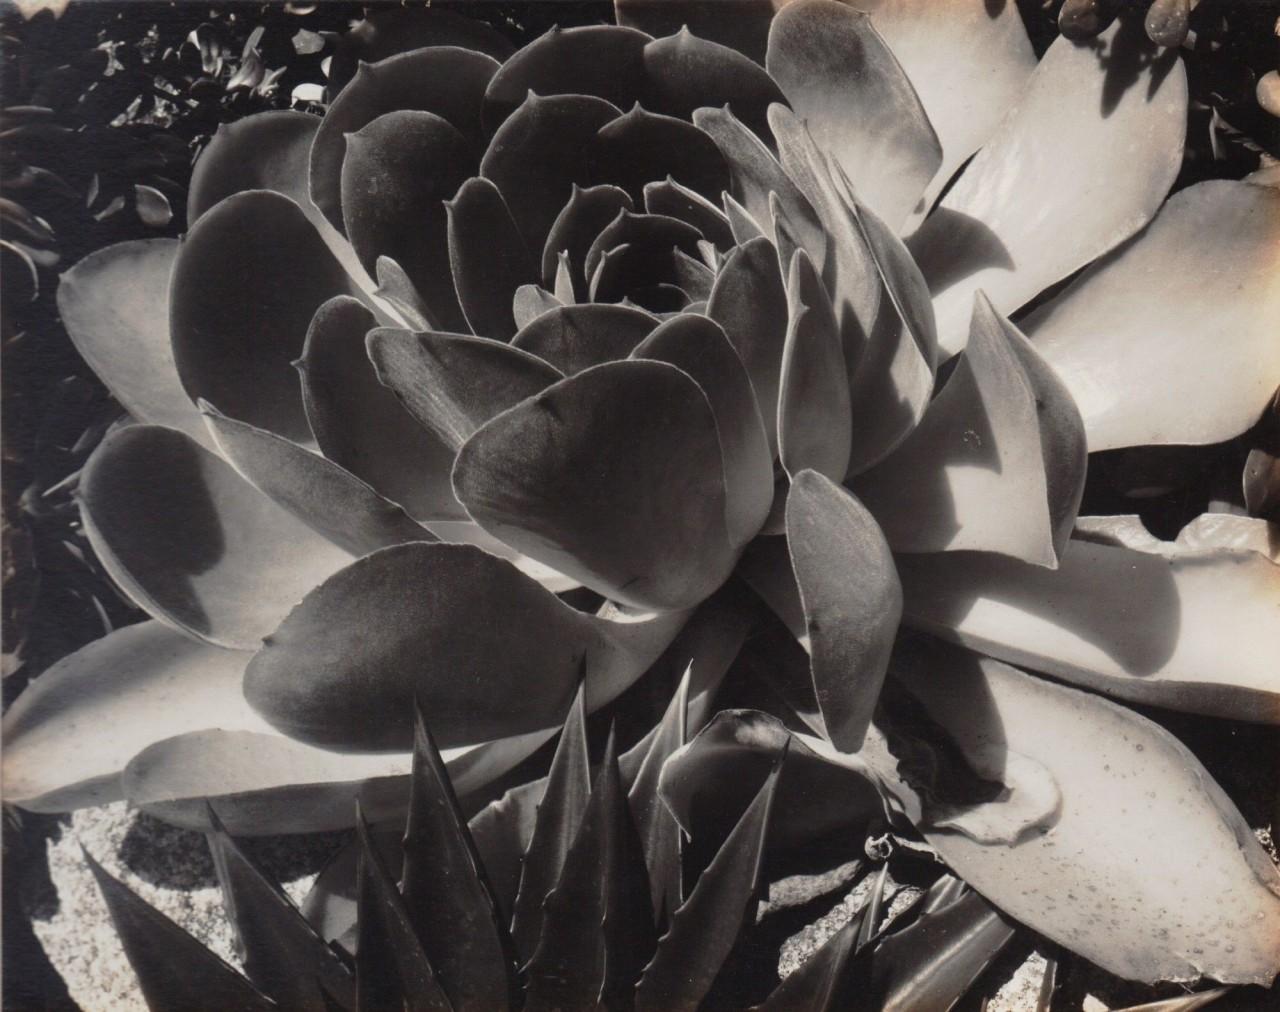 Суккуленты, 1930. Фотограф Эдвард Уэстон